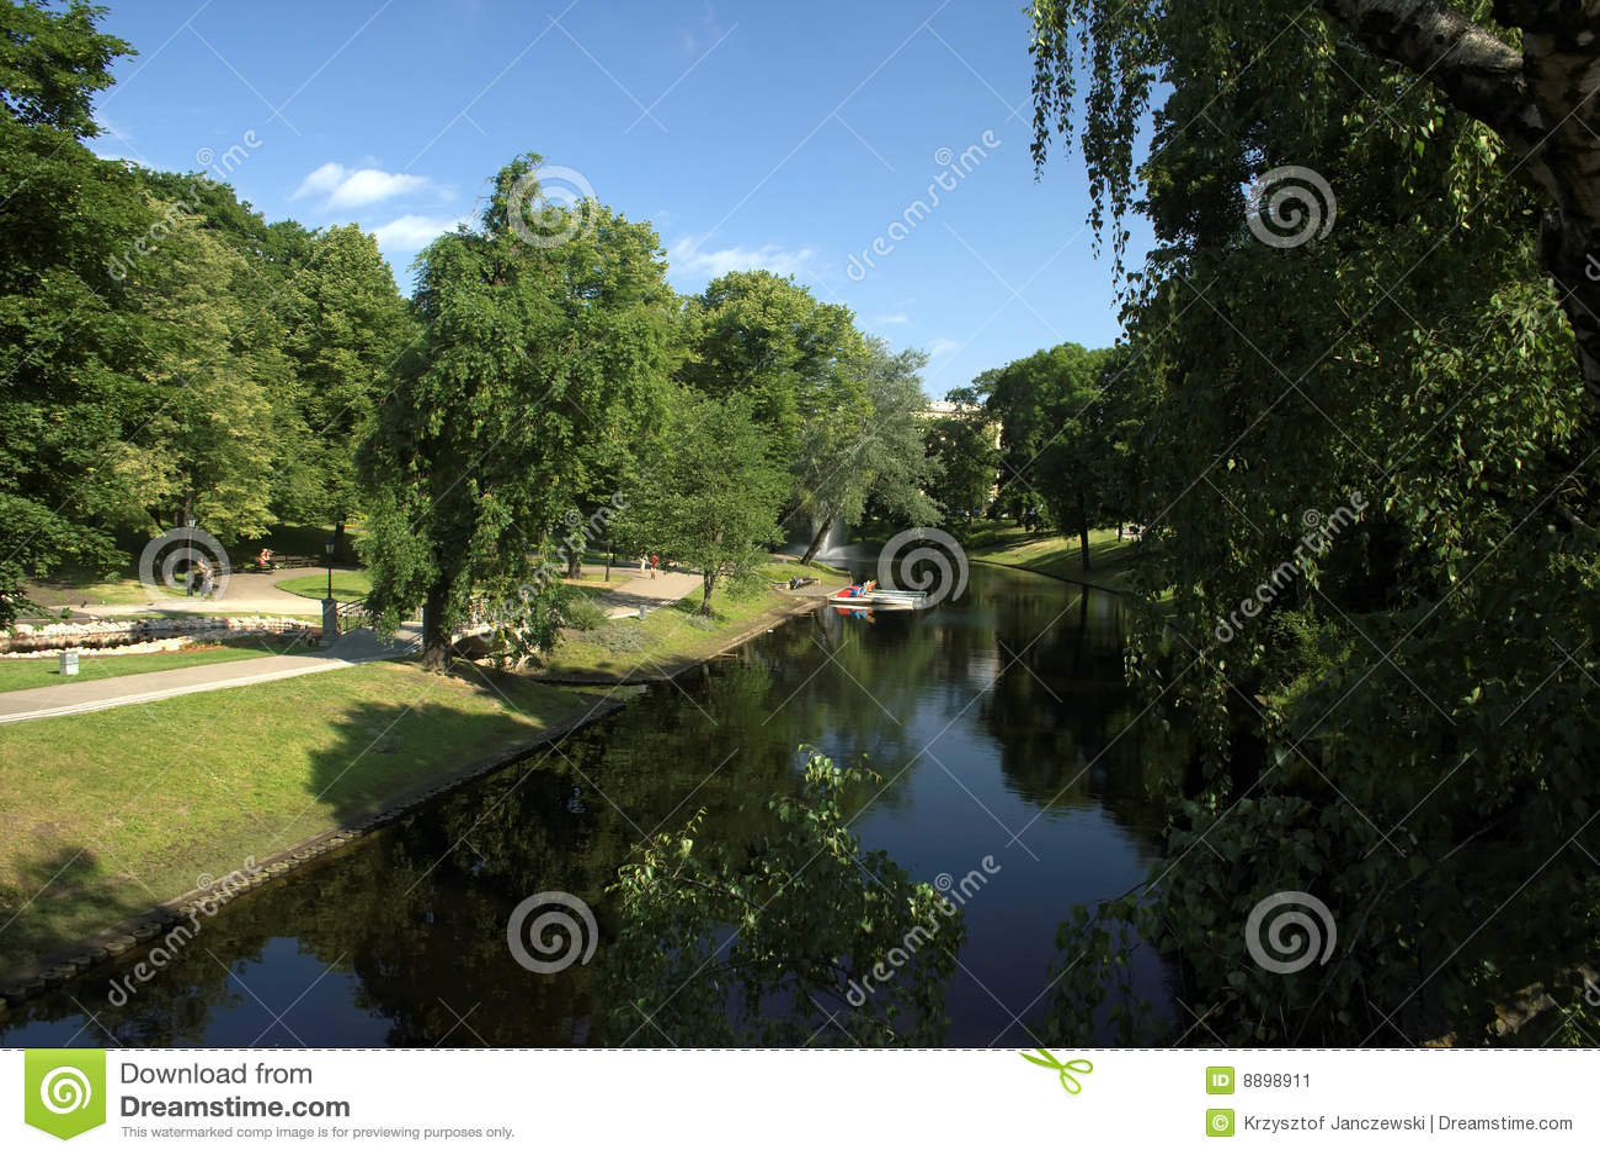 Groen Letland.